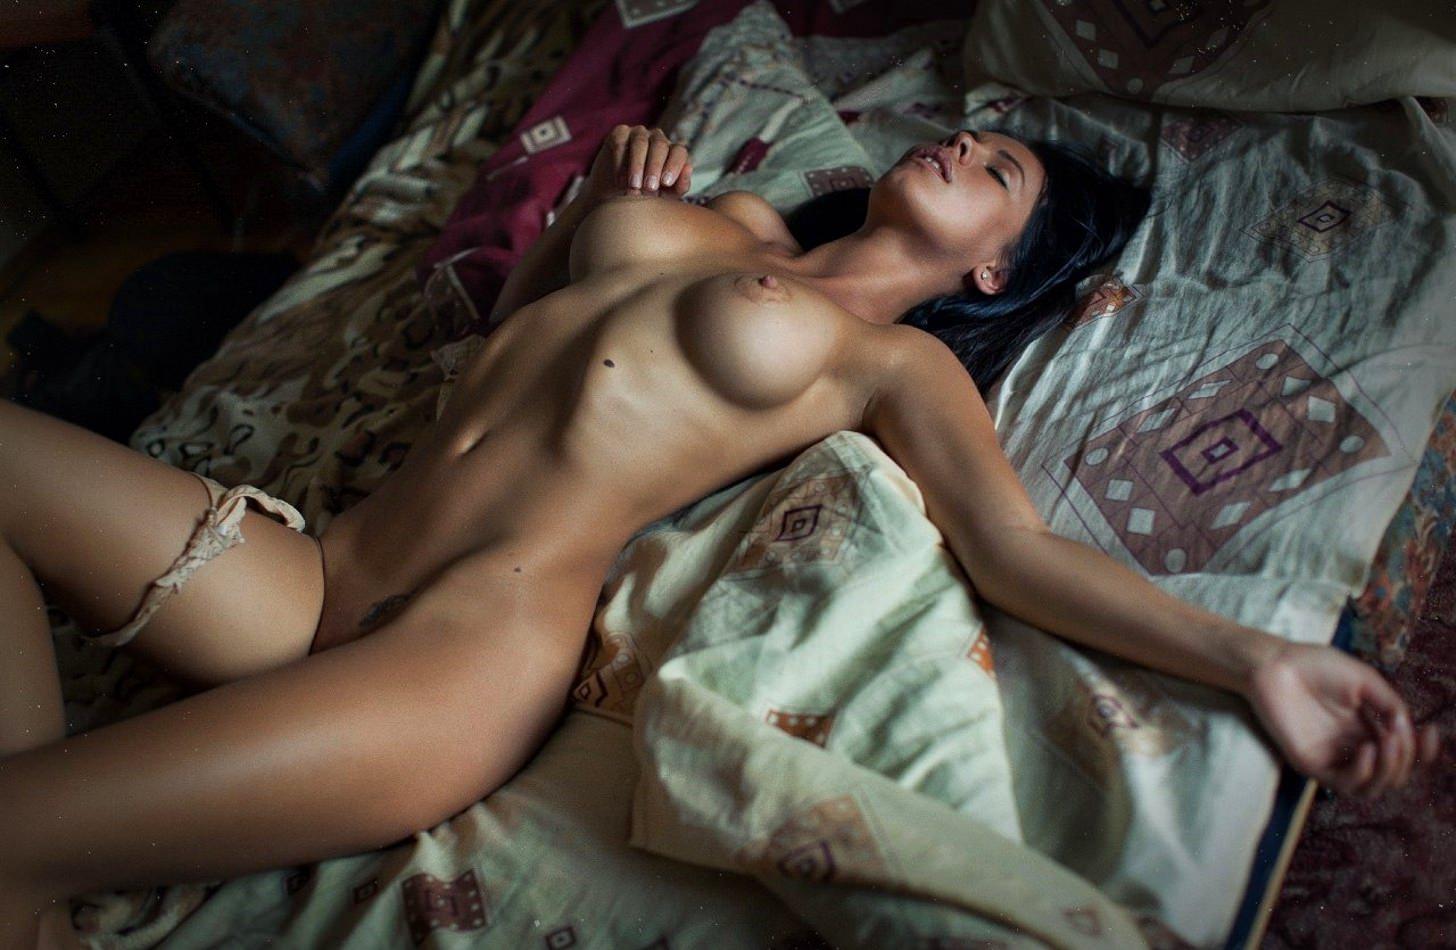 Эротическое фото обнажённых женщин 6 фотография